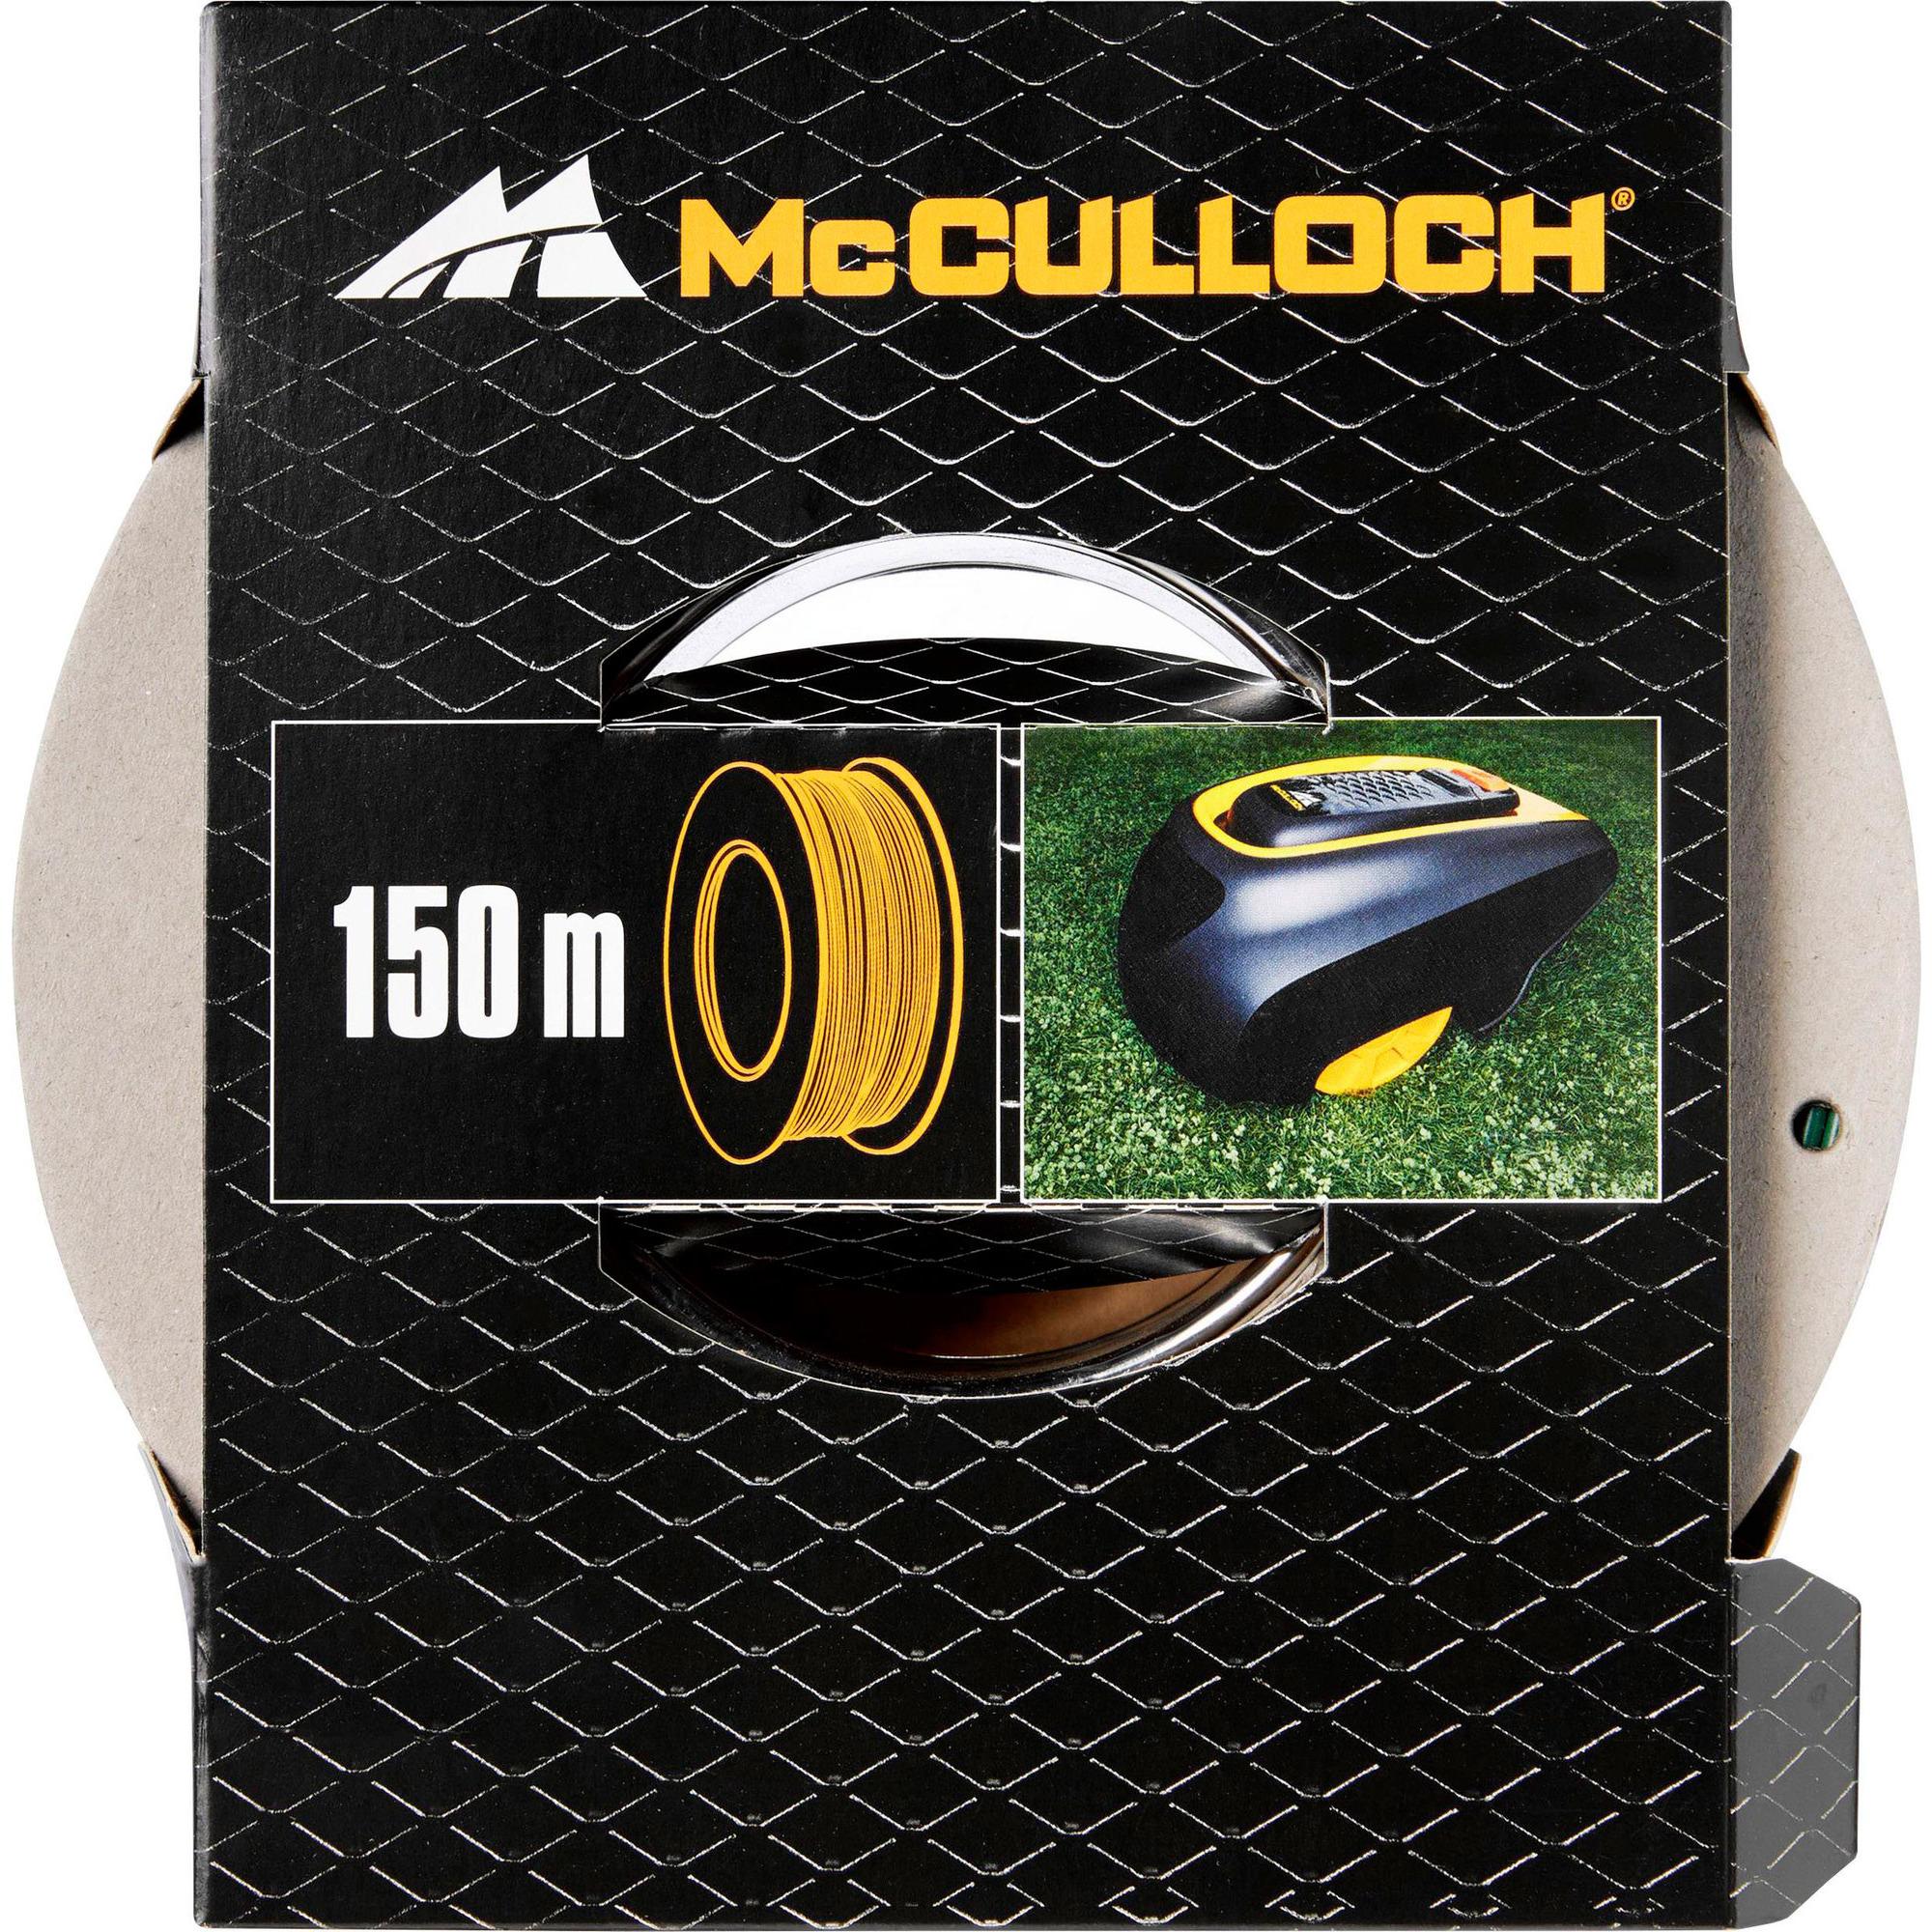 McCulloch 150 meter avgränsningskabel